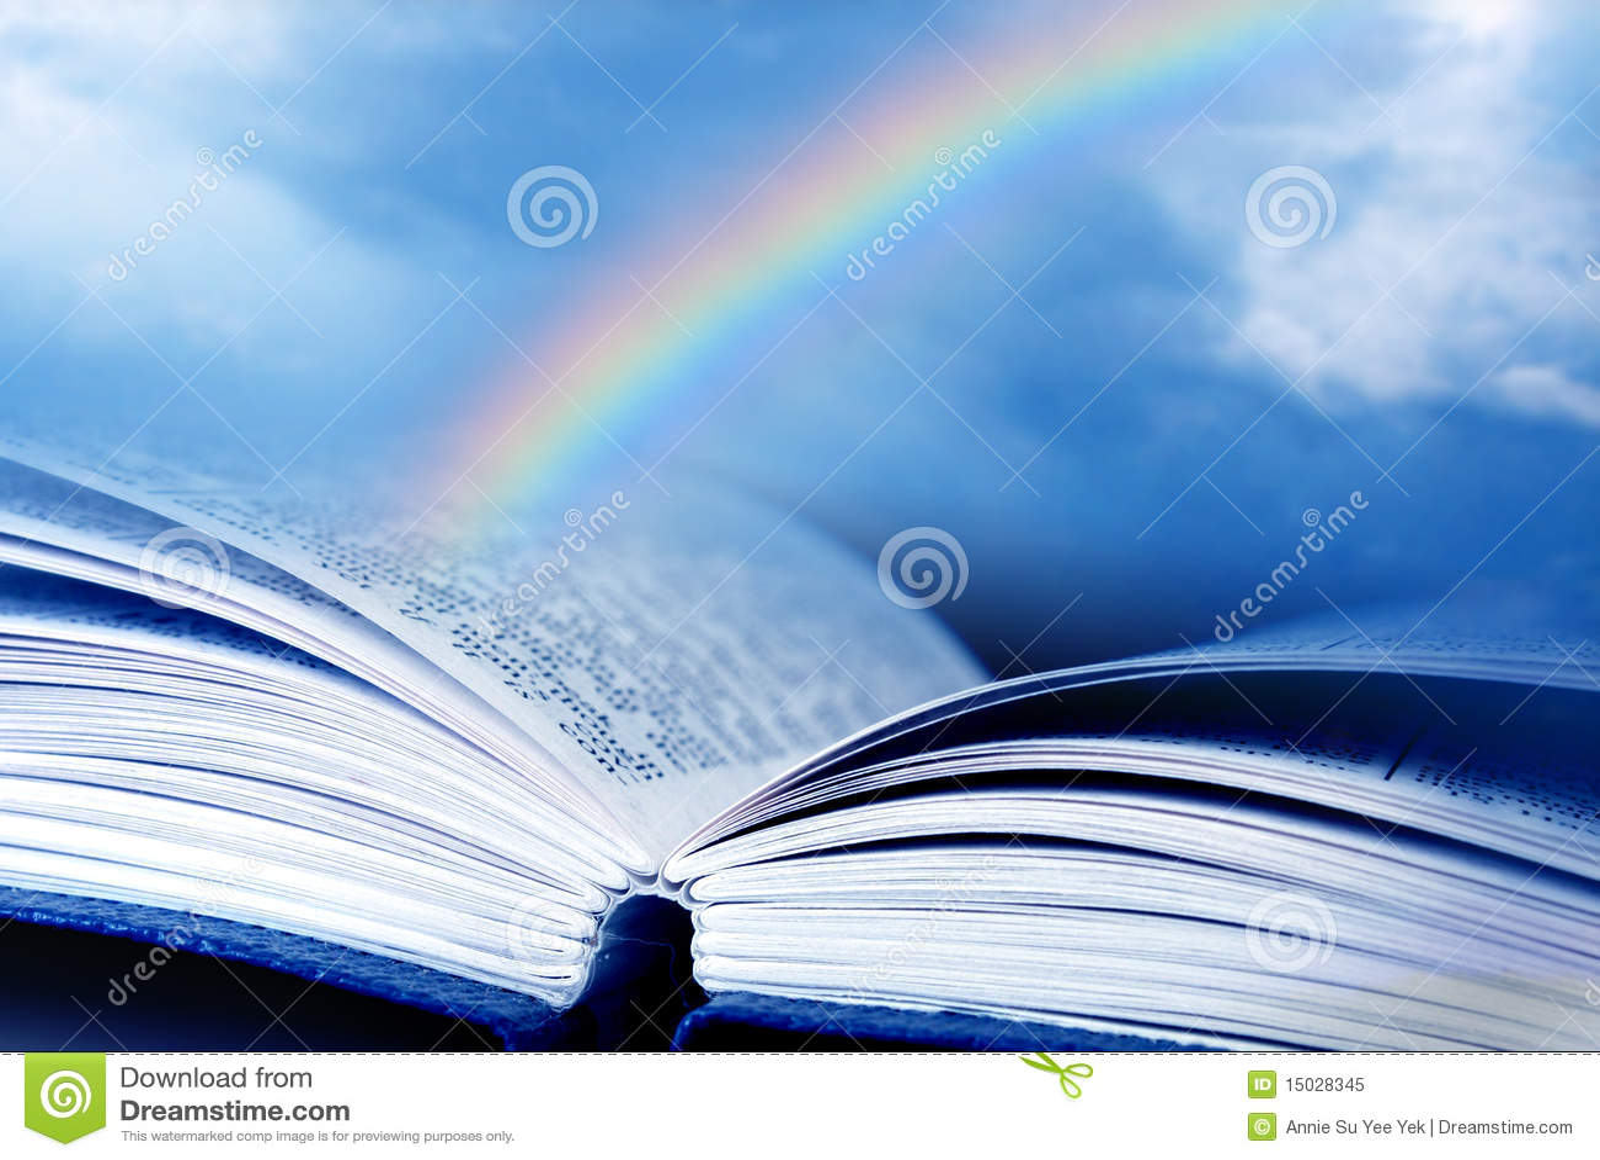 Bibbia con il Rainbow